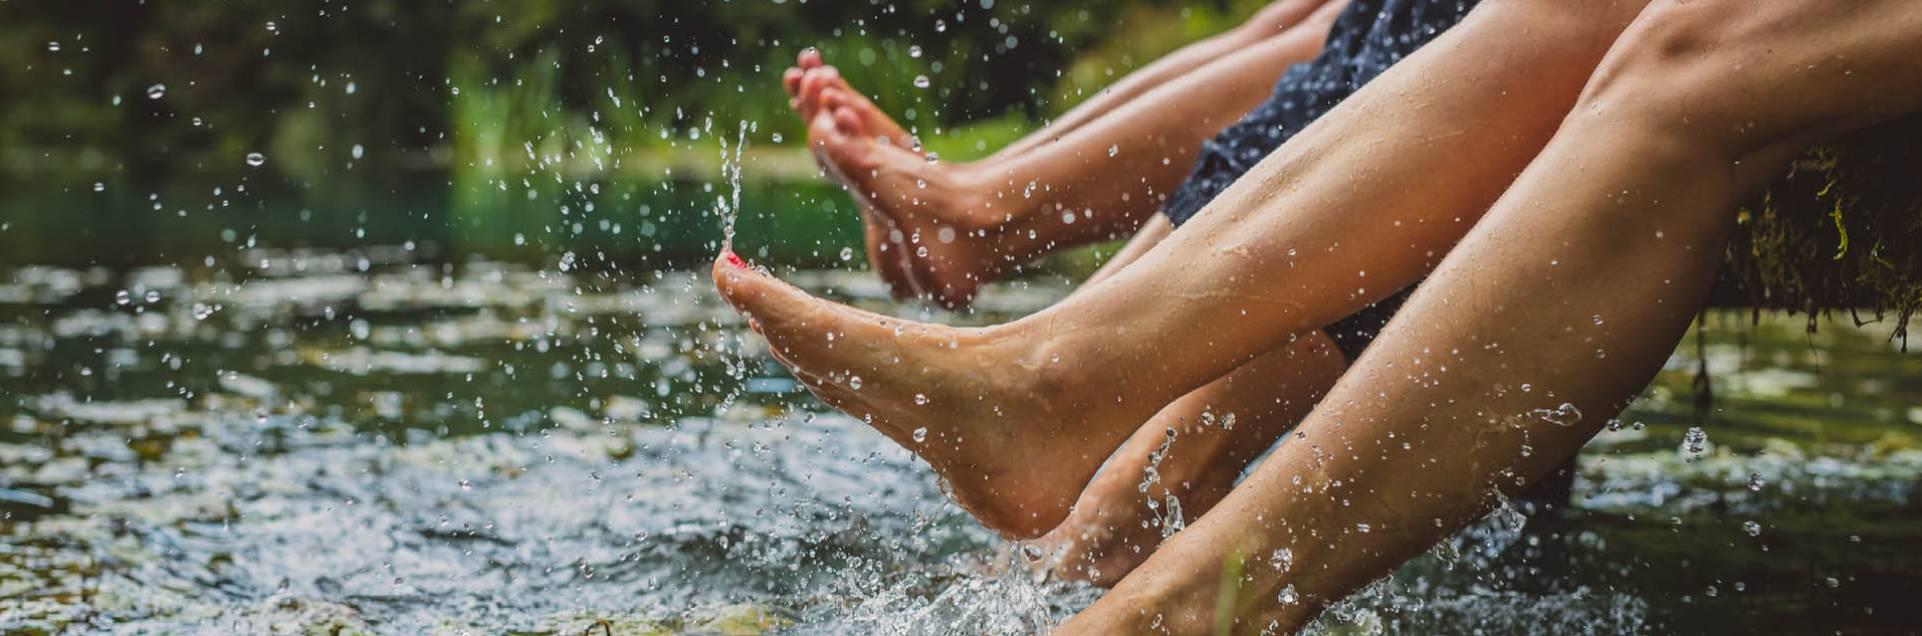 5 consejos para prevenir el dolor de pies